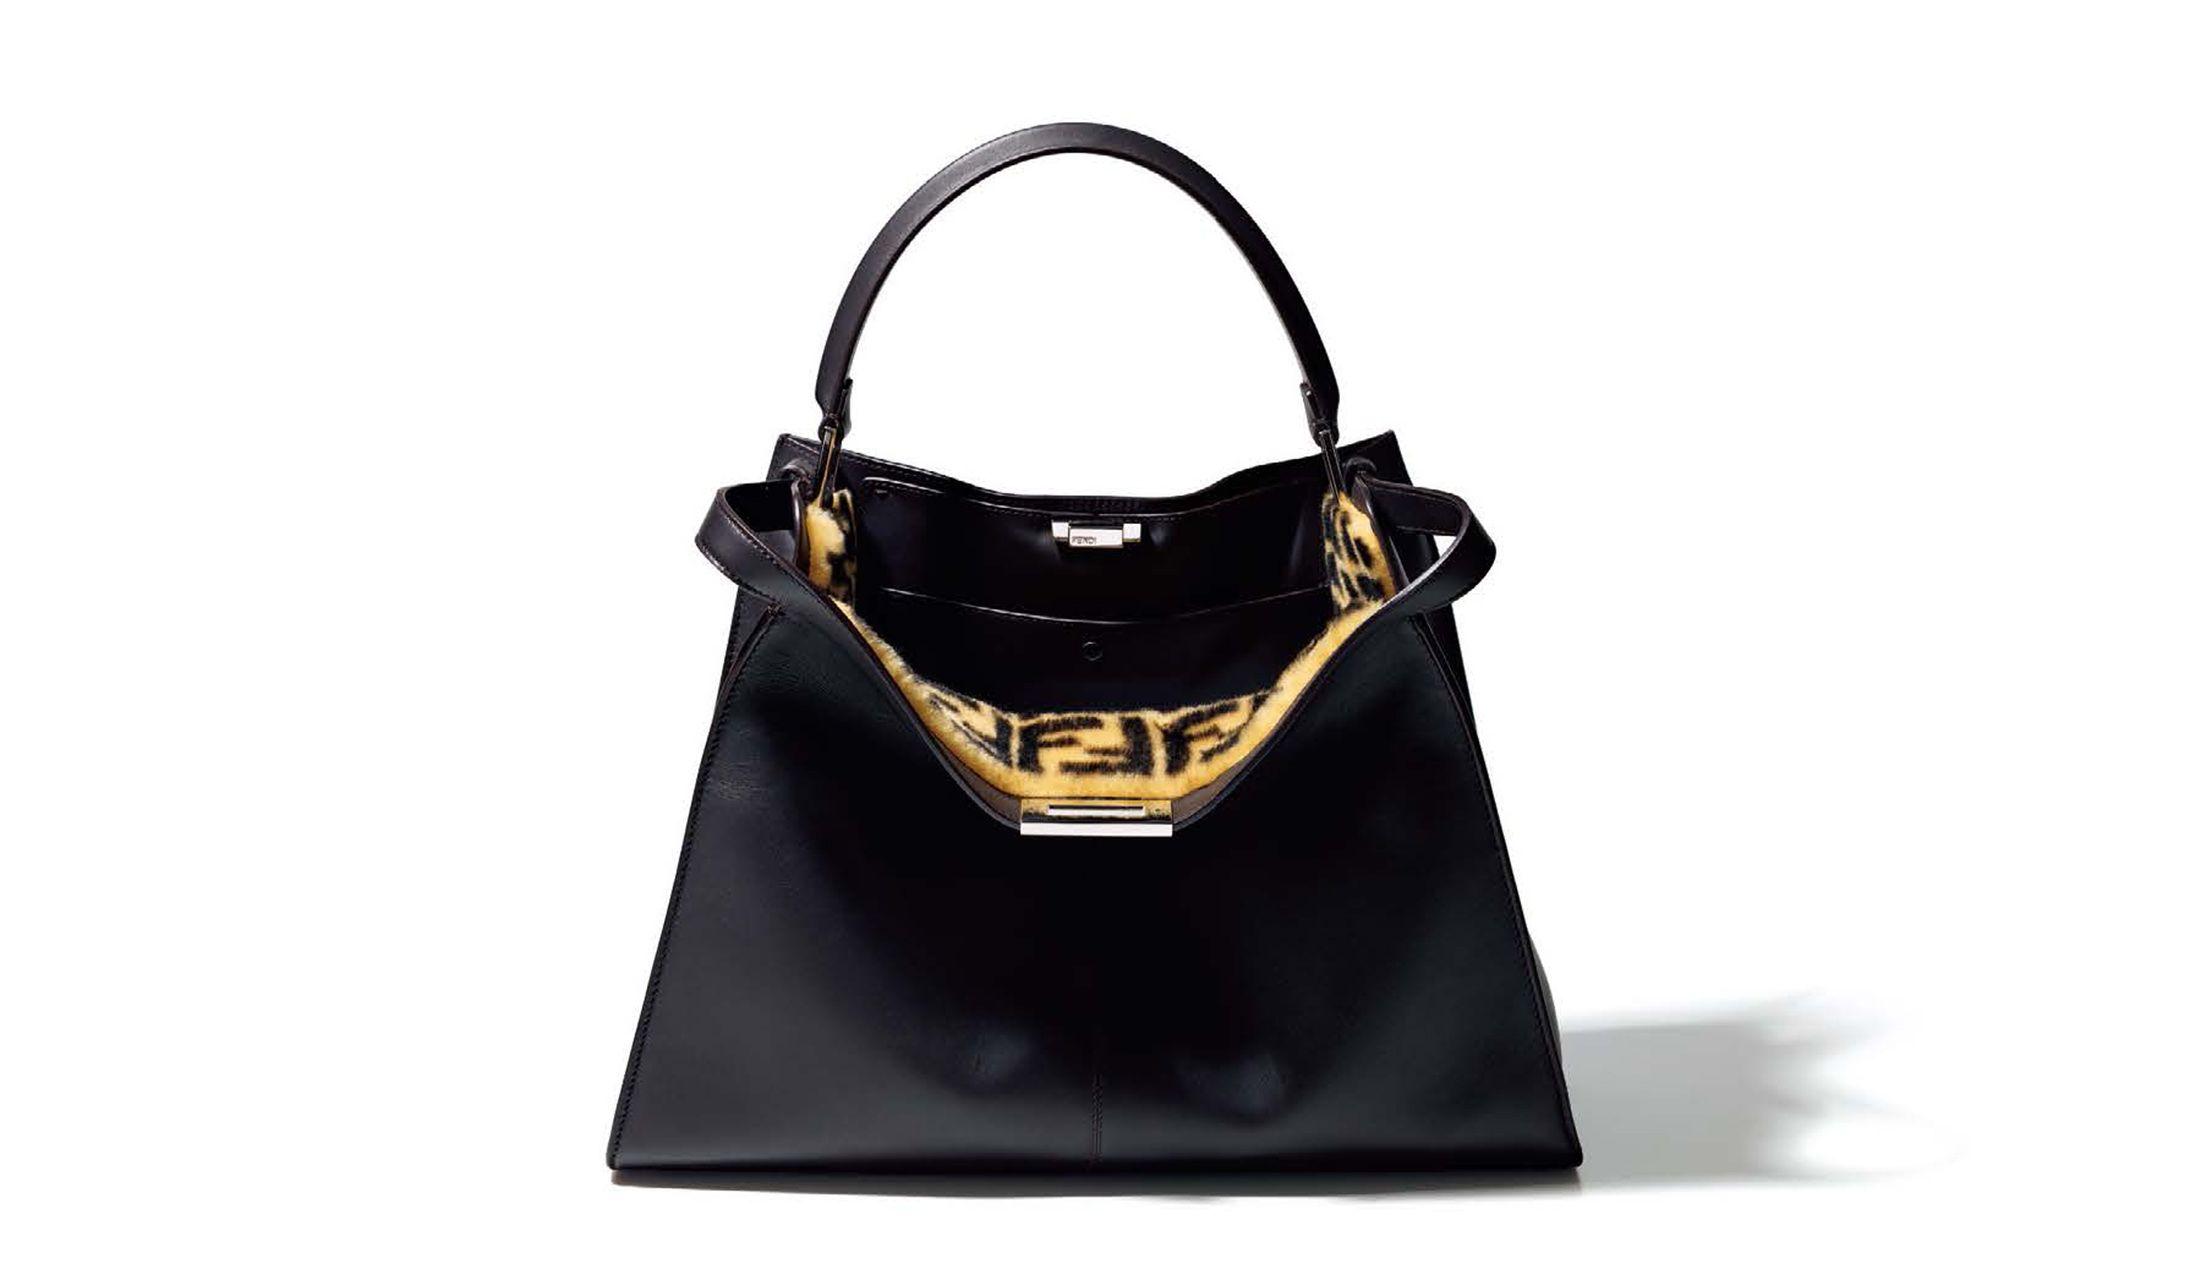 フェンディのバッグ「ピーカブー エックスライト」